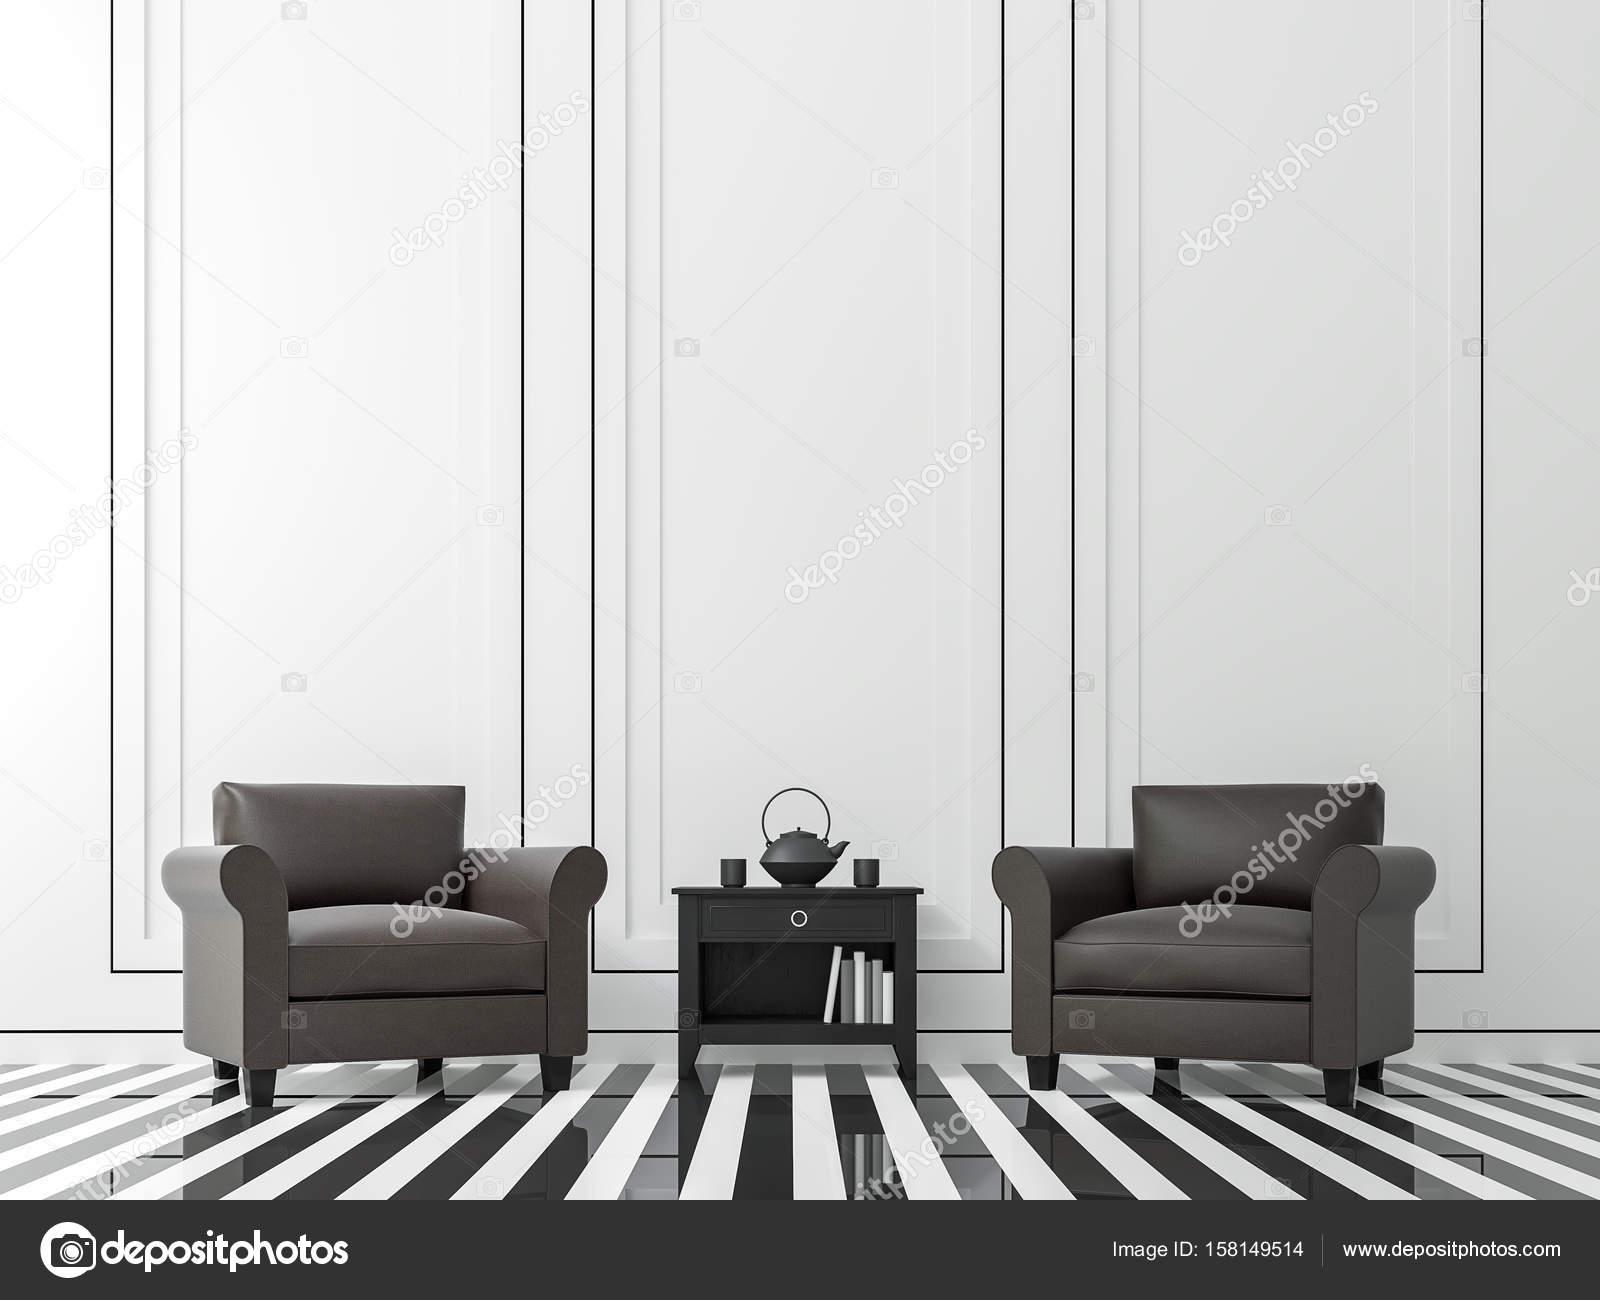 Moderne Vintage Wohnzimmer mit schwarz / weiß Bild 3d Rendering ...